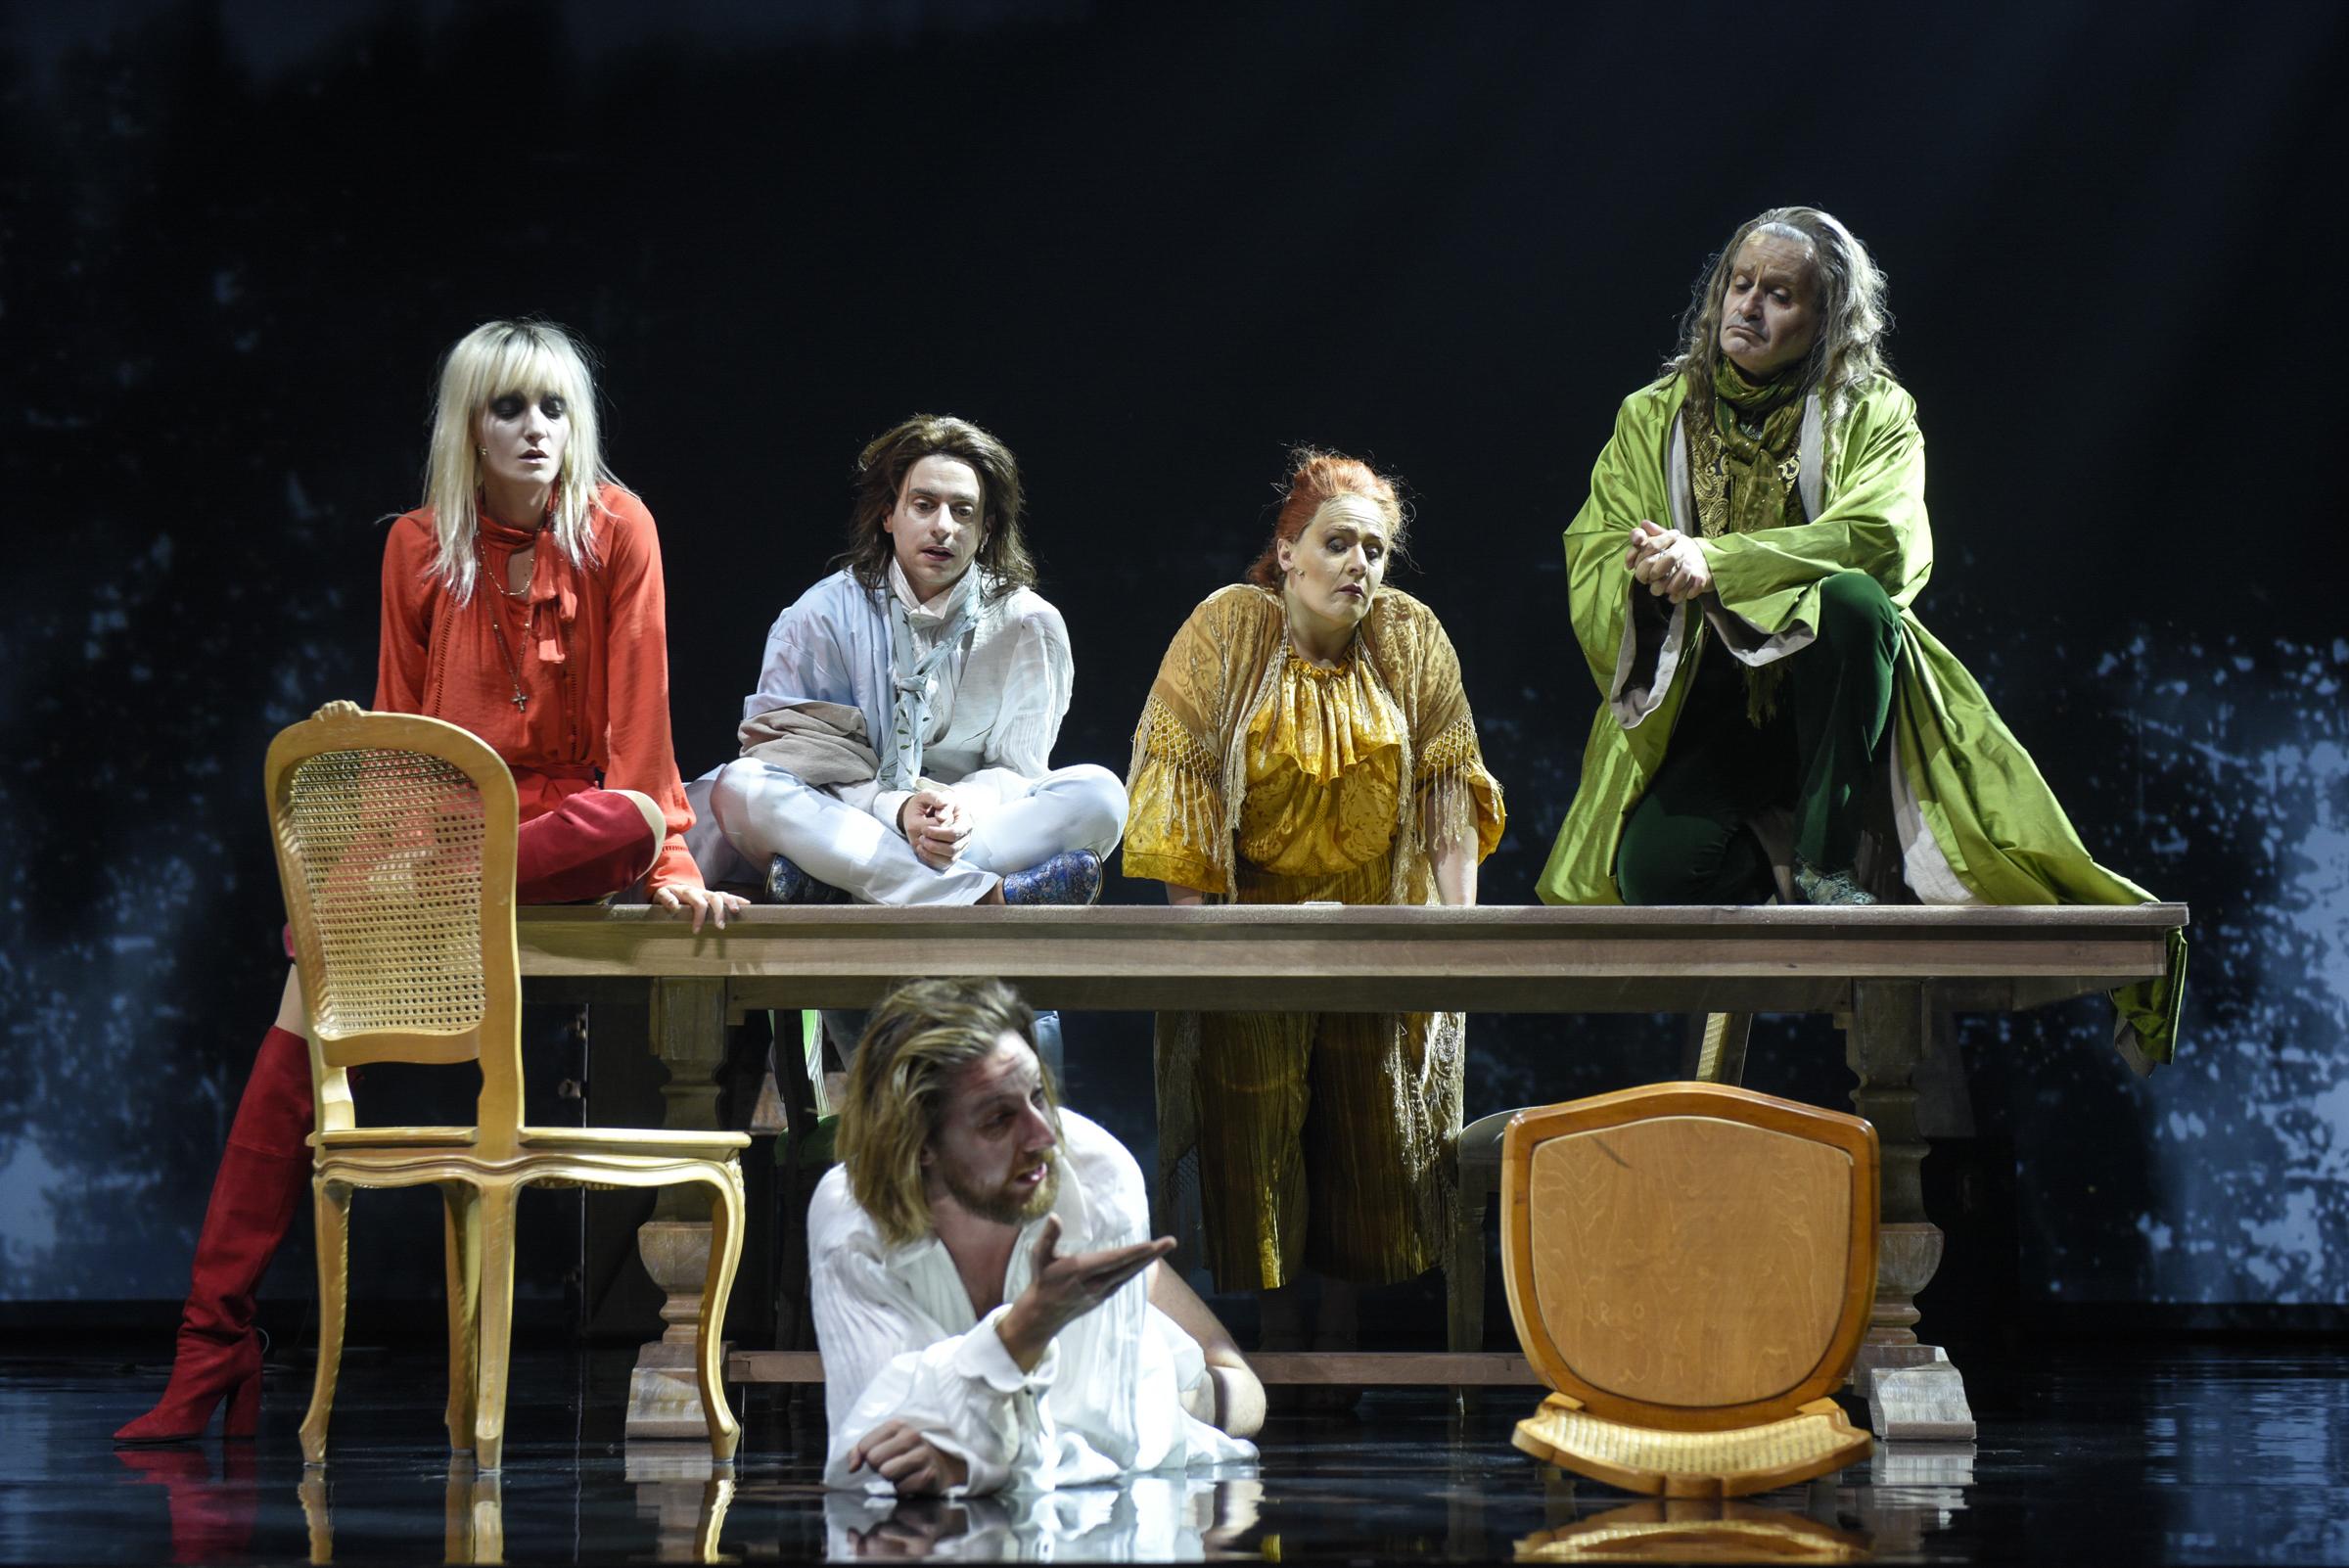 «Candide ou l'optimisme», une brillante adaptation du roman de